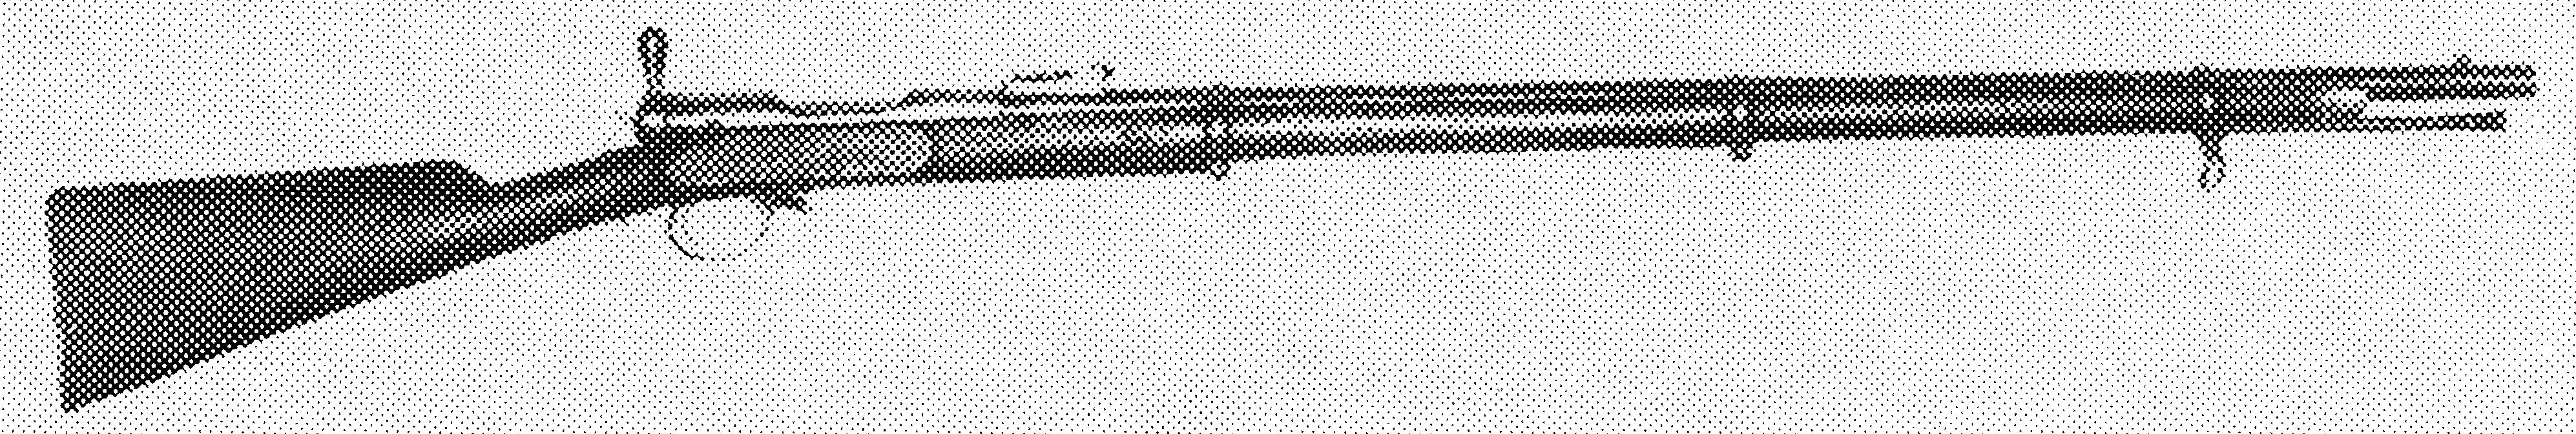 Brown Mfg. Co./Merrill Patent Breechloading Rifles